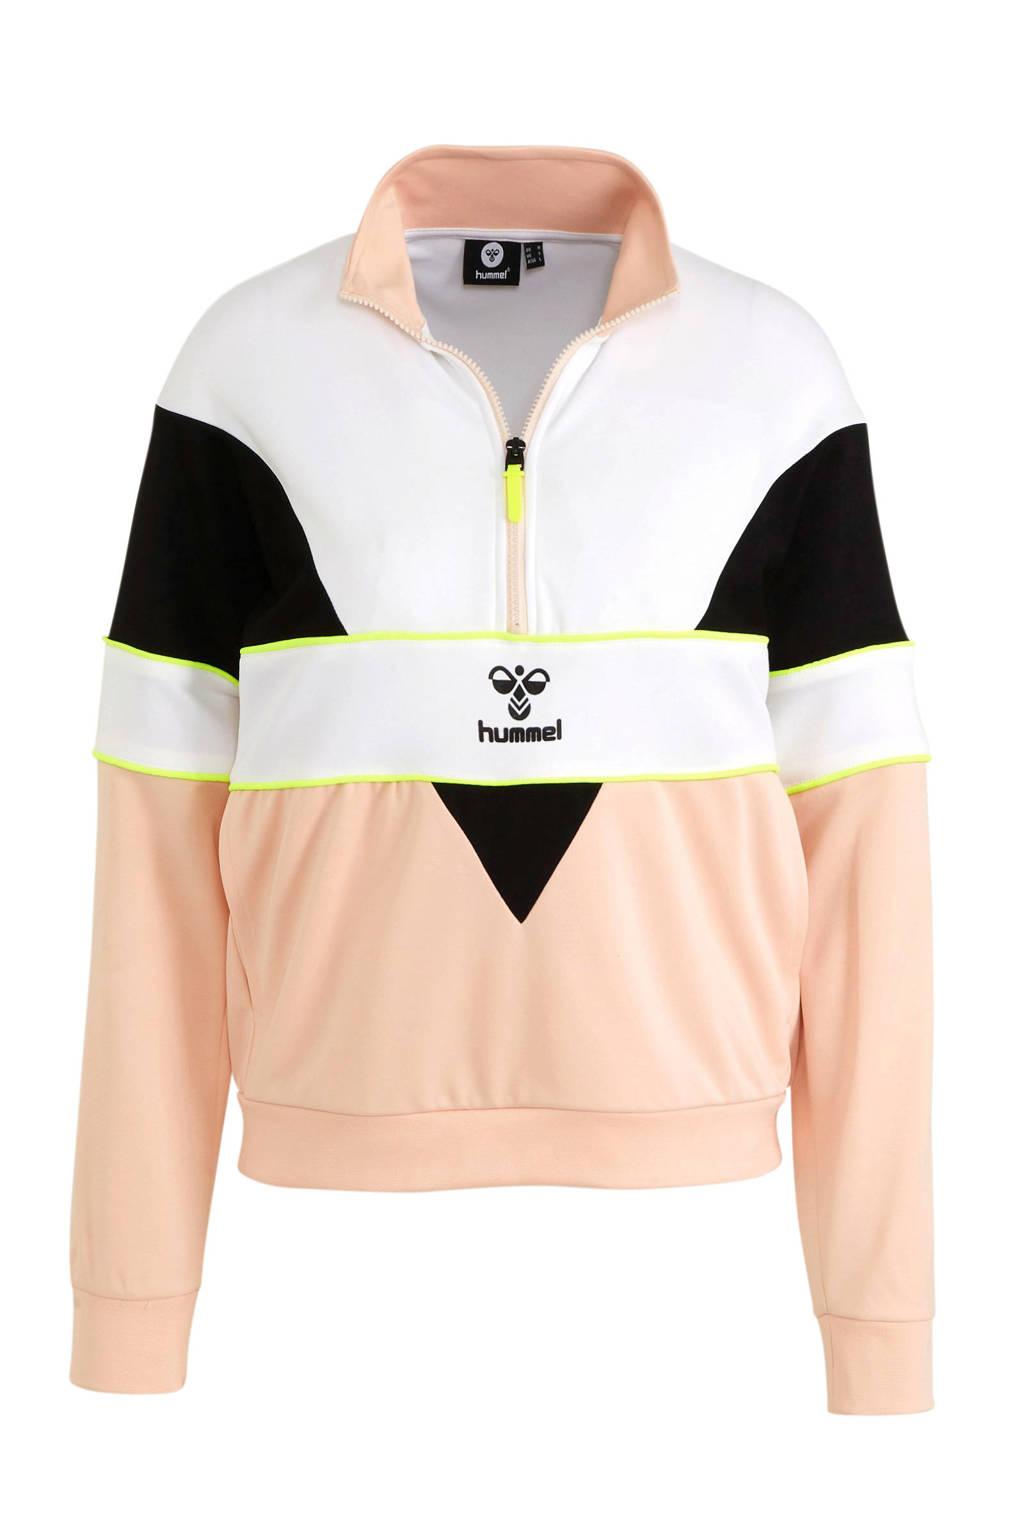 hummel sportsweater lichtroze/wit, Lichtroze/wit/zwart